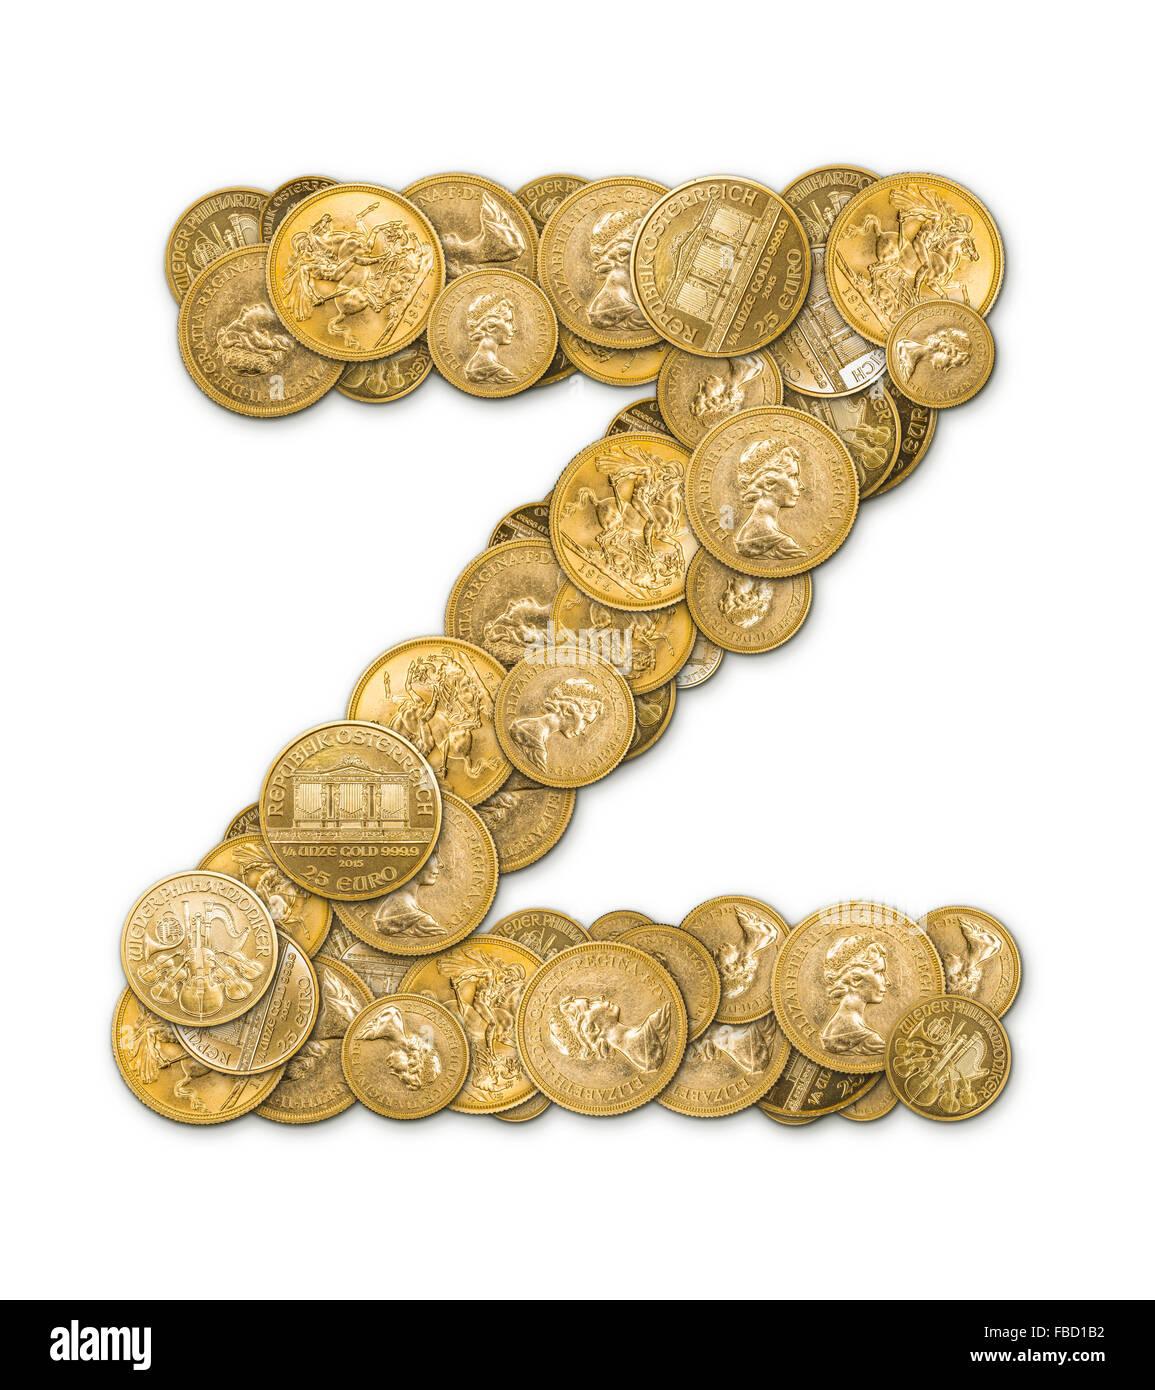 Buchstabe Z Hergestellt Aus Gold Münzen Geld Isoliert Auf Weißem